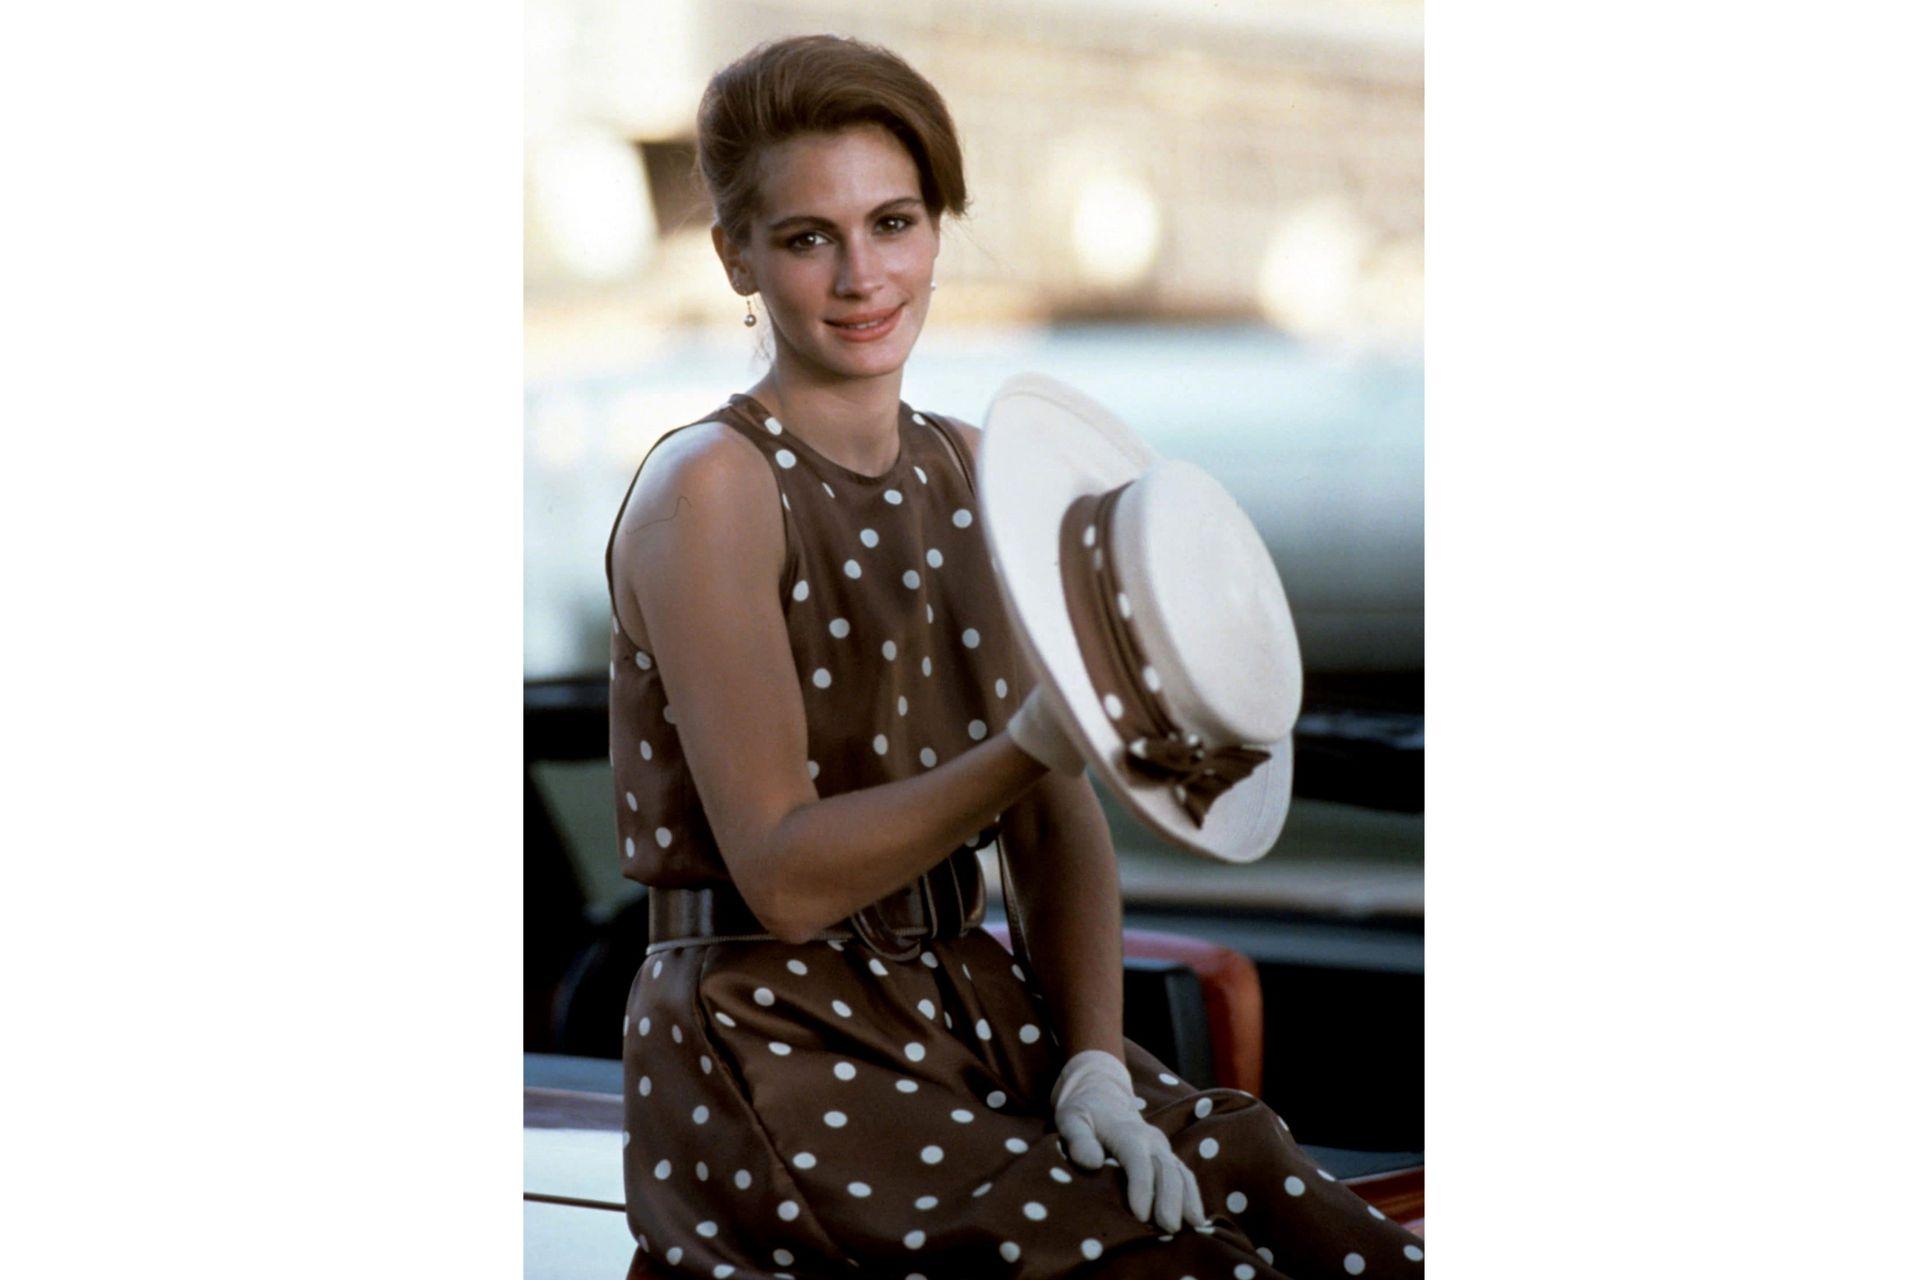 En Mujer bonita, el vestido a lunares del partido de polo